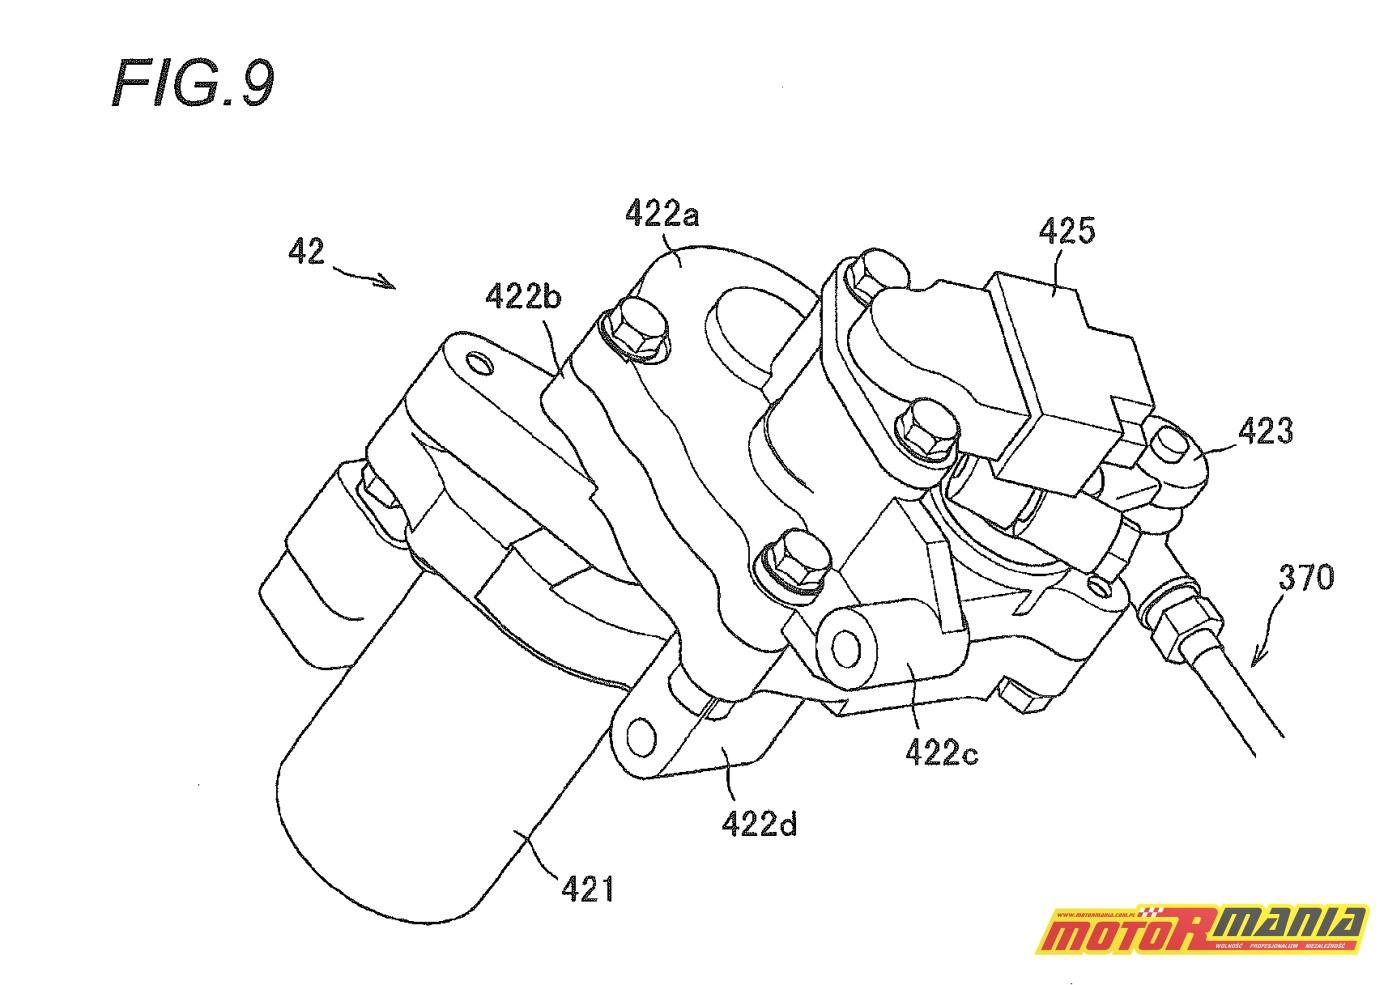 021518-Suzuki-Hayabusa-patent-US20180043969-9